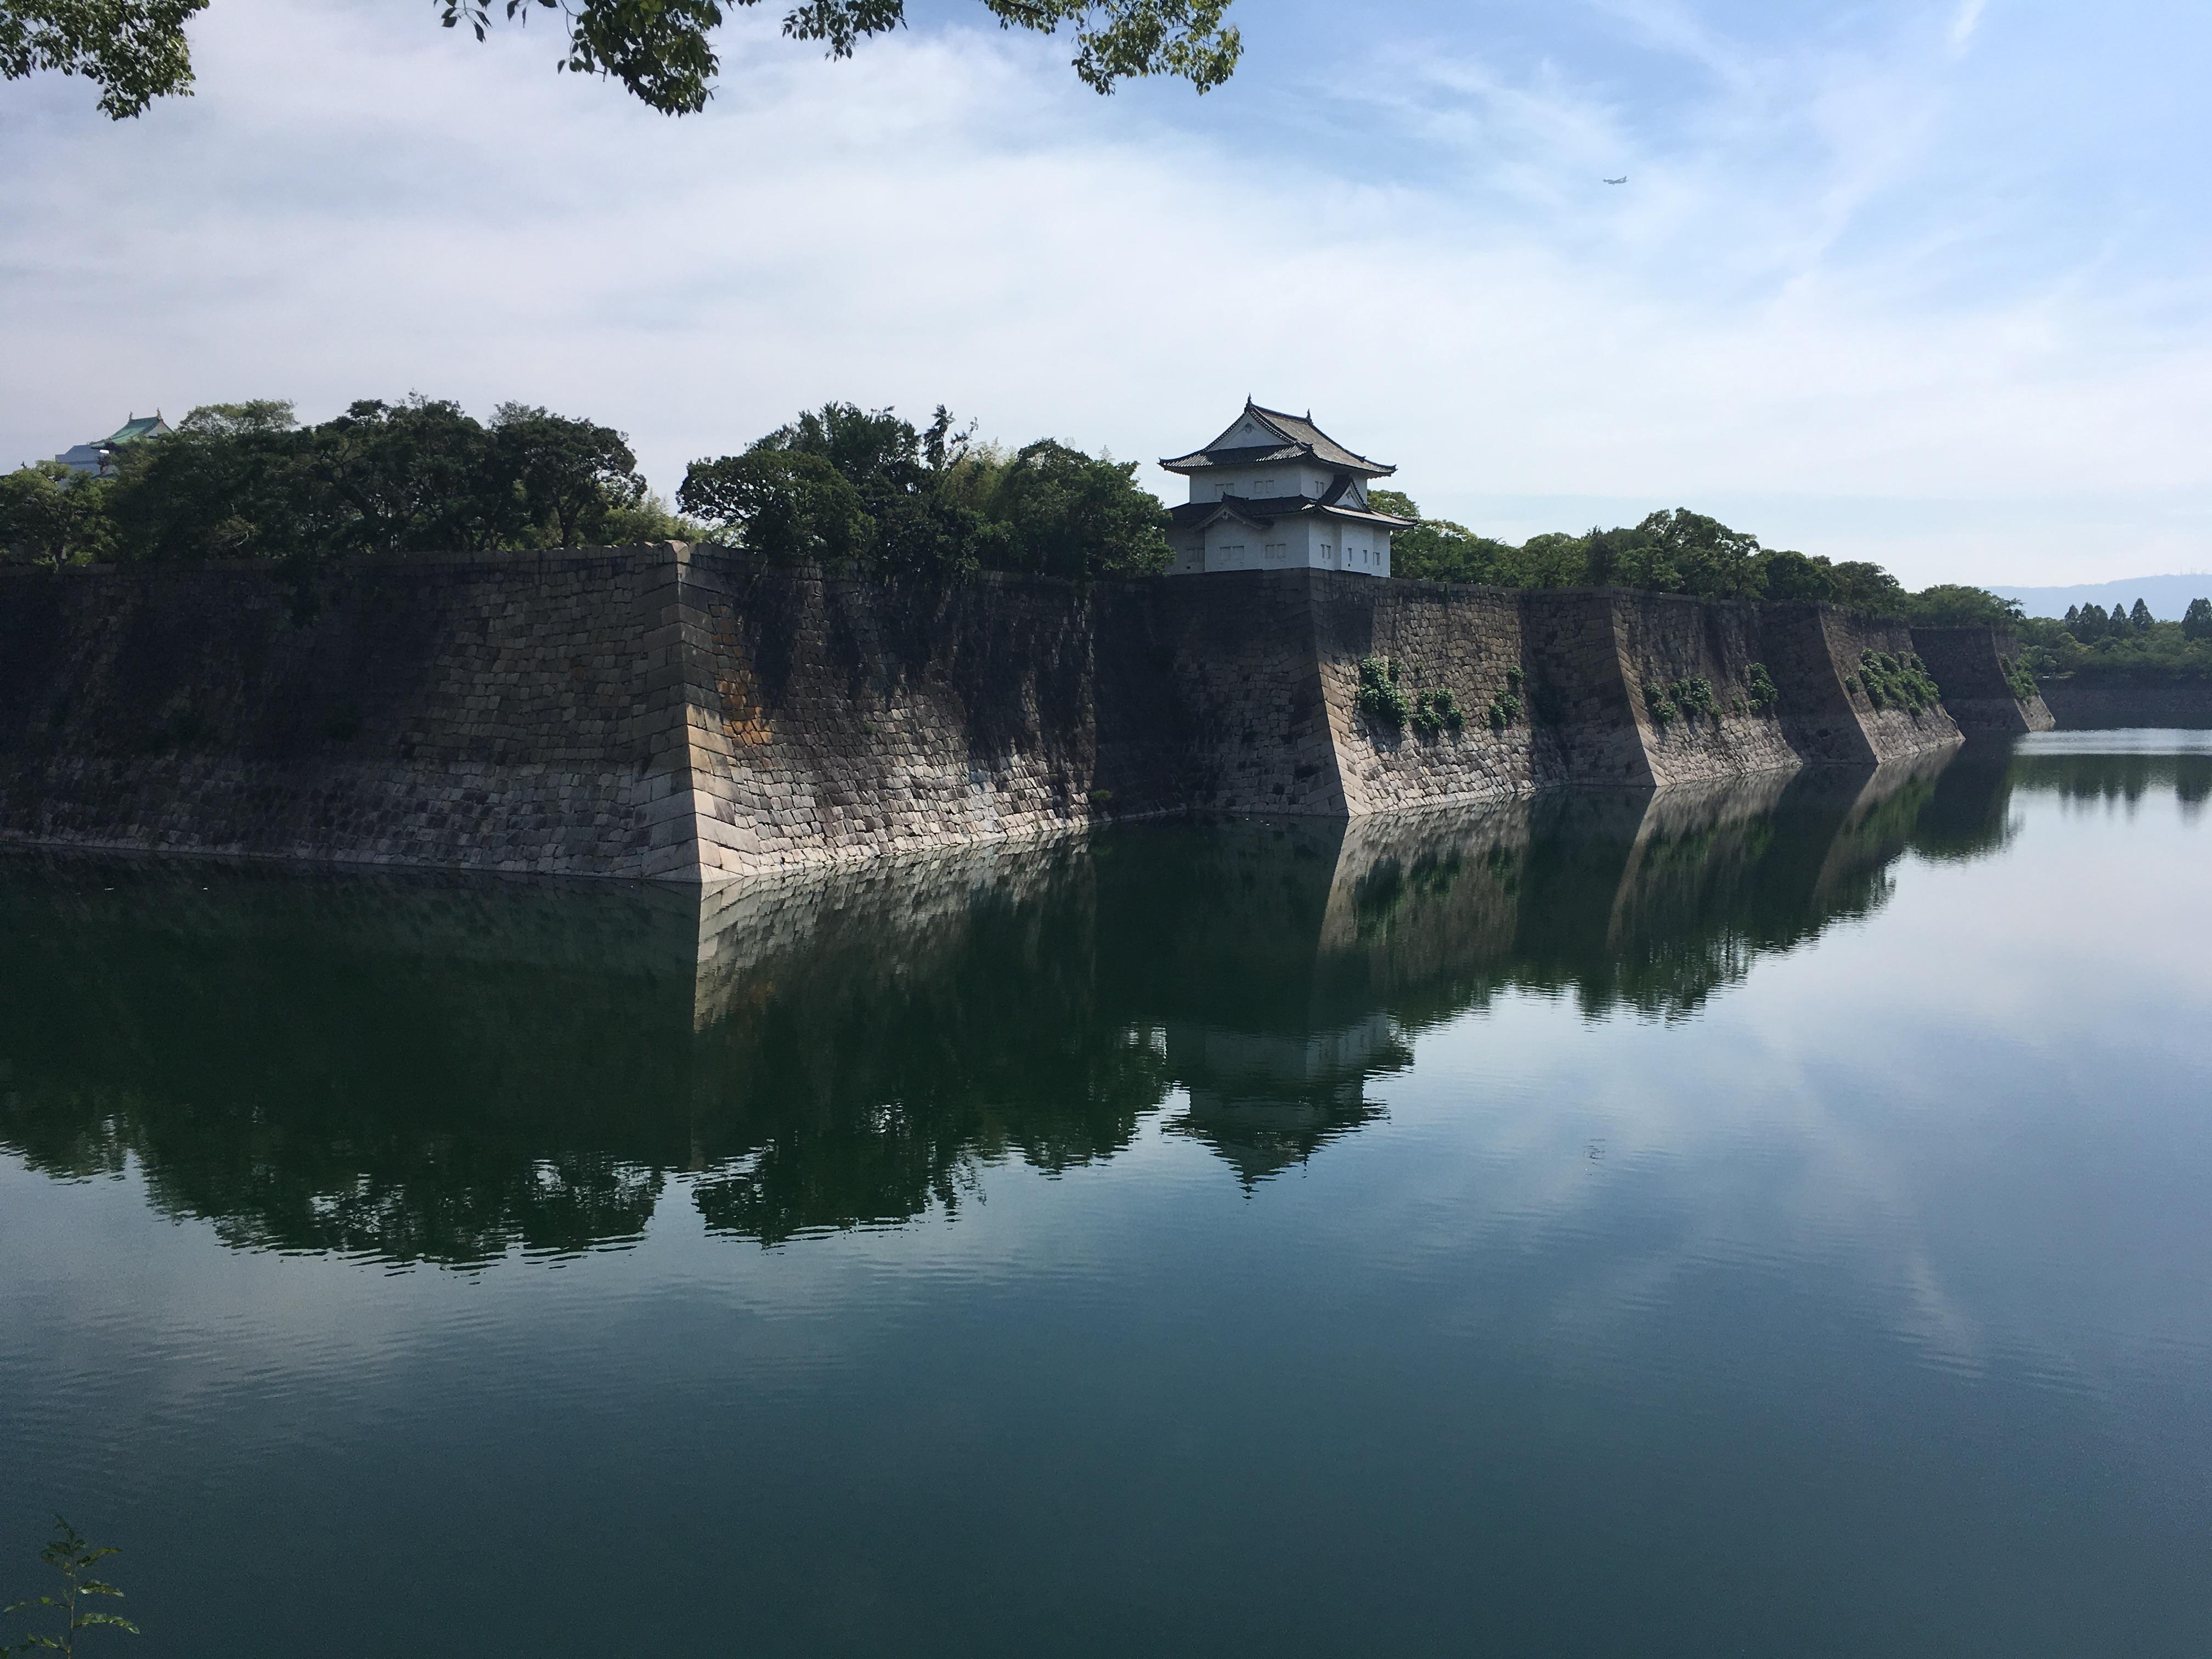 【 일곱 7번째 나홀로 여행 4탄 】주유패스로 돌아 본 오사카(OSAKA)